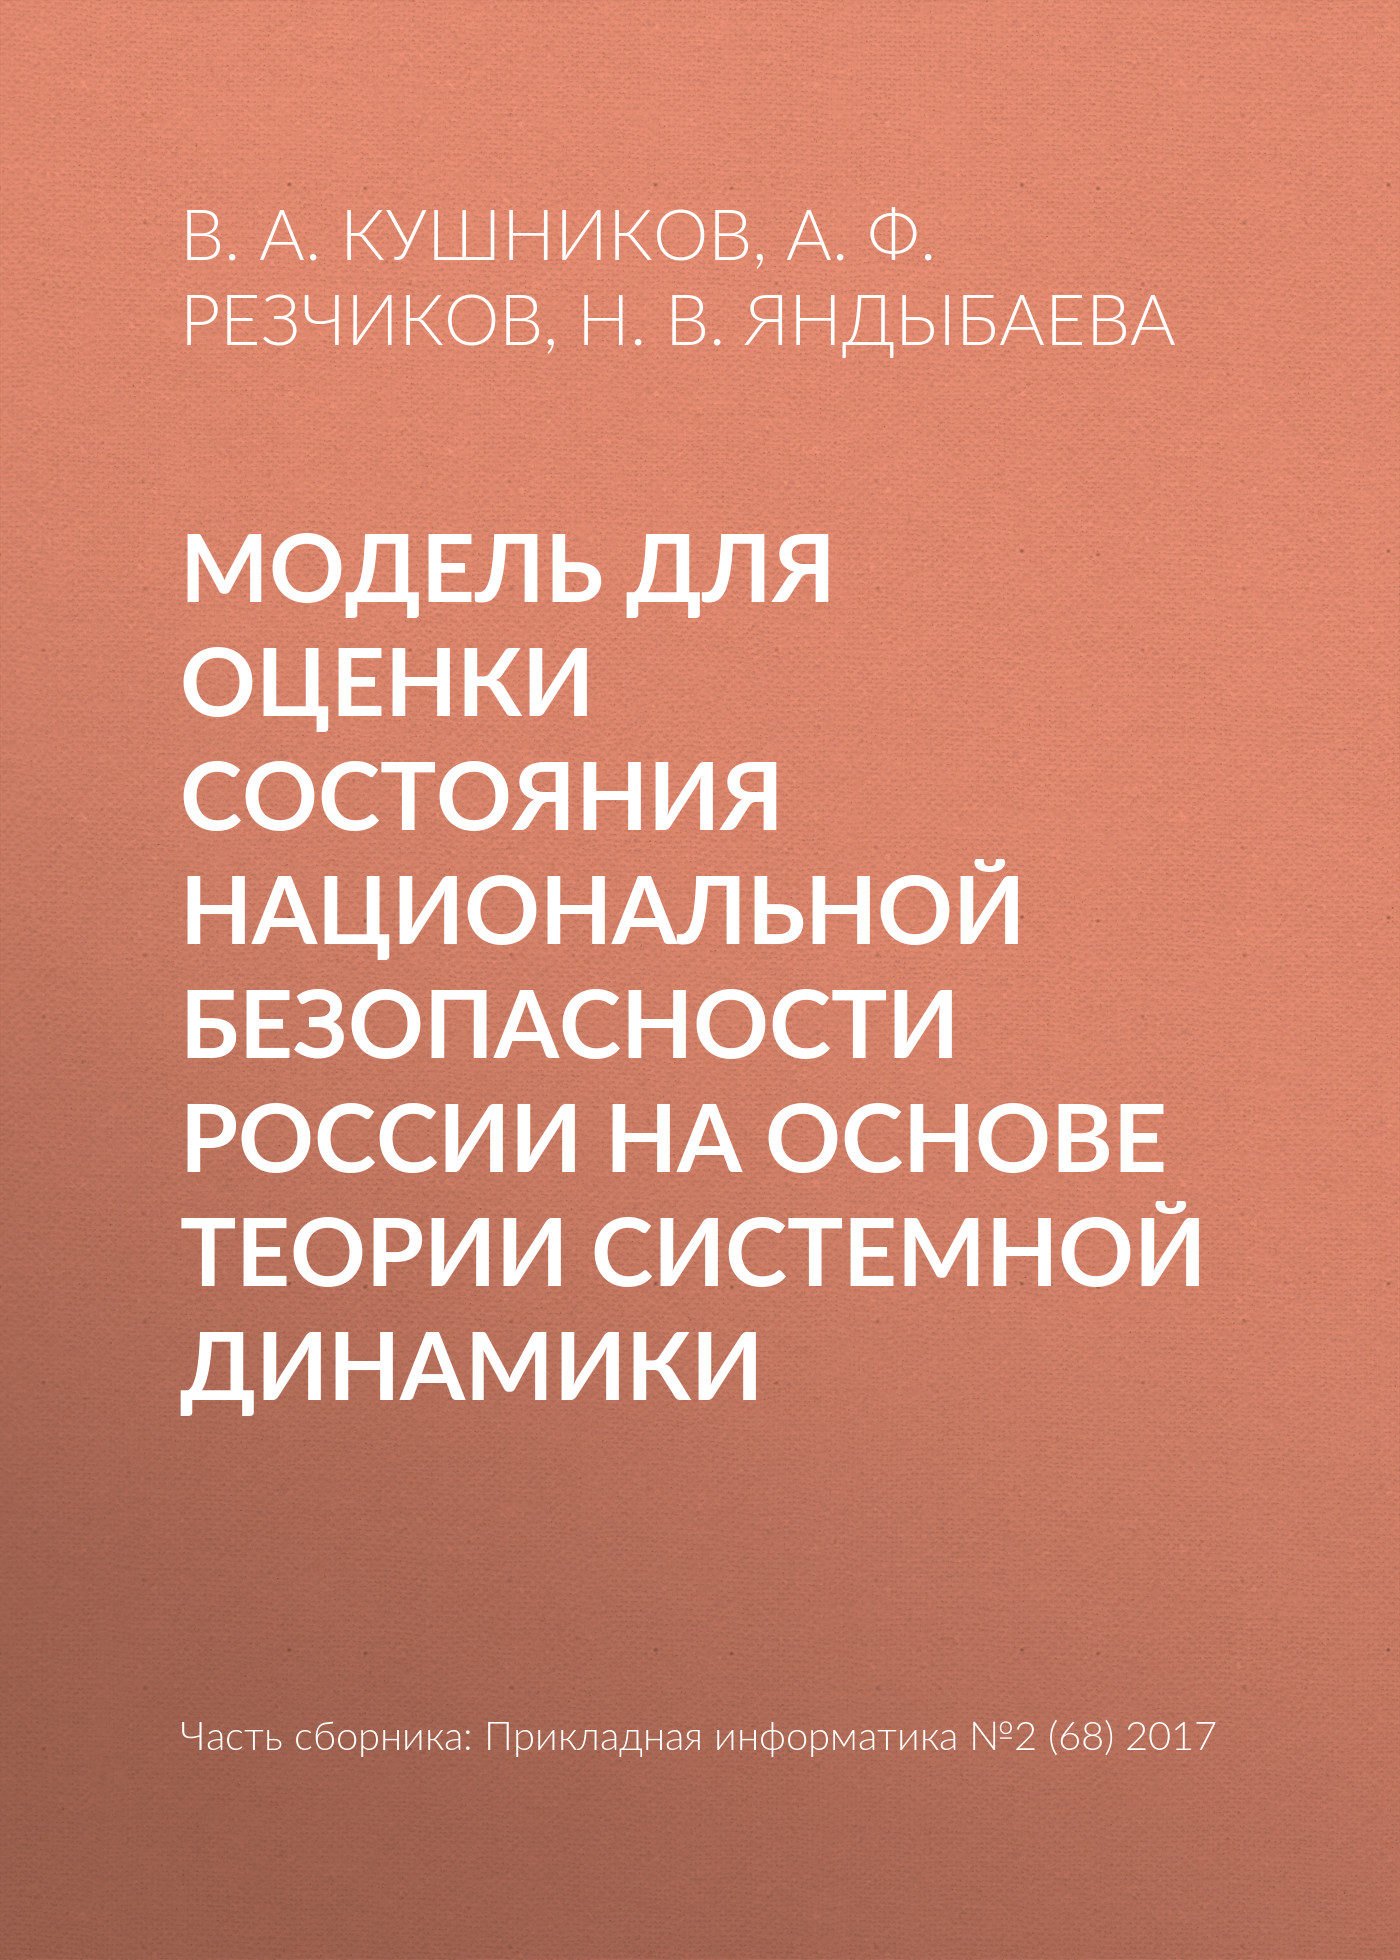 В. А. Кушников Модель для оценки состояния национальной безопасности России на основе теории системной динамики